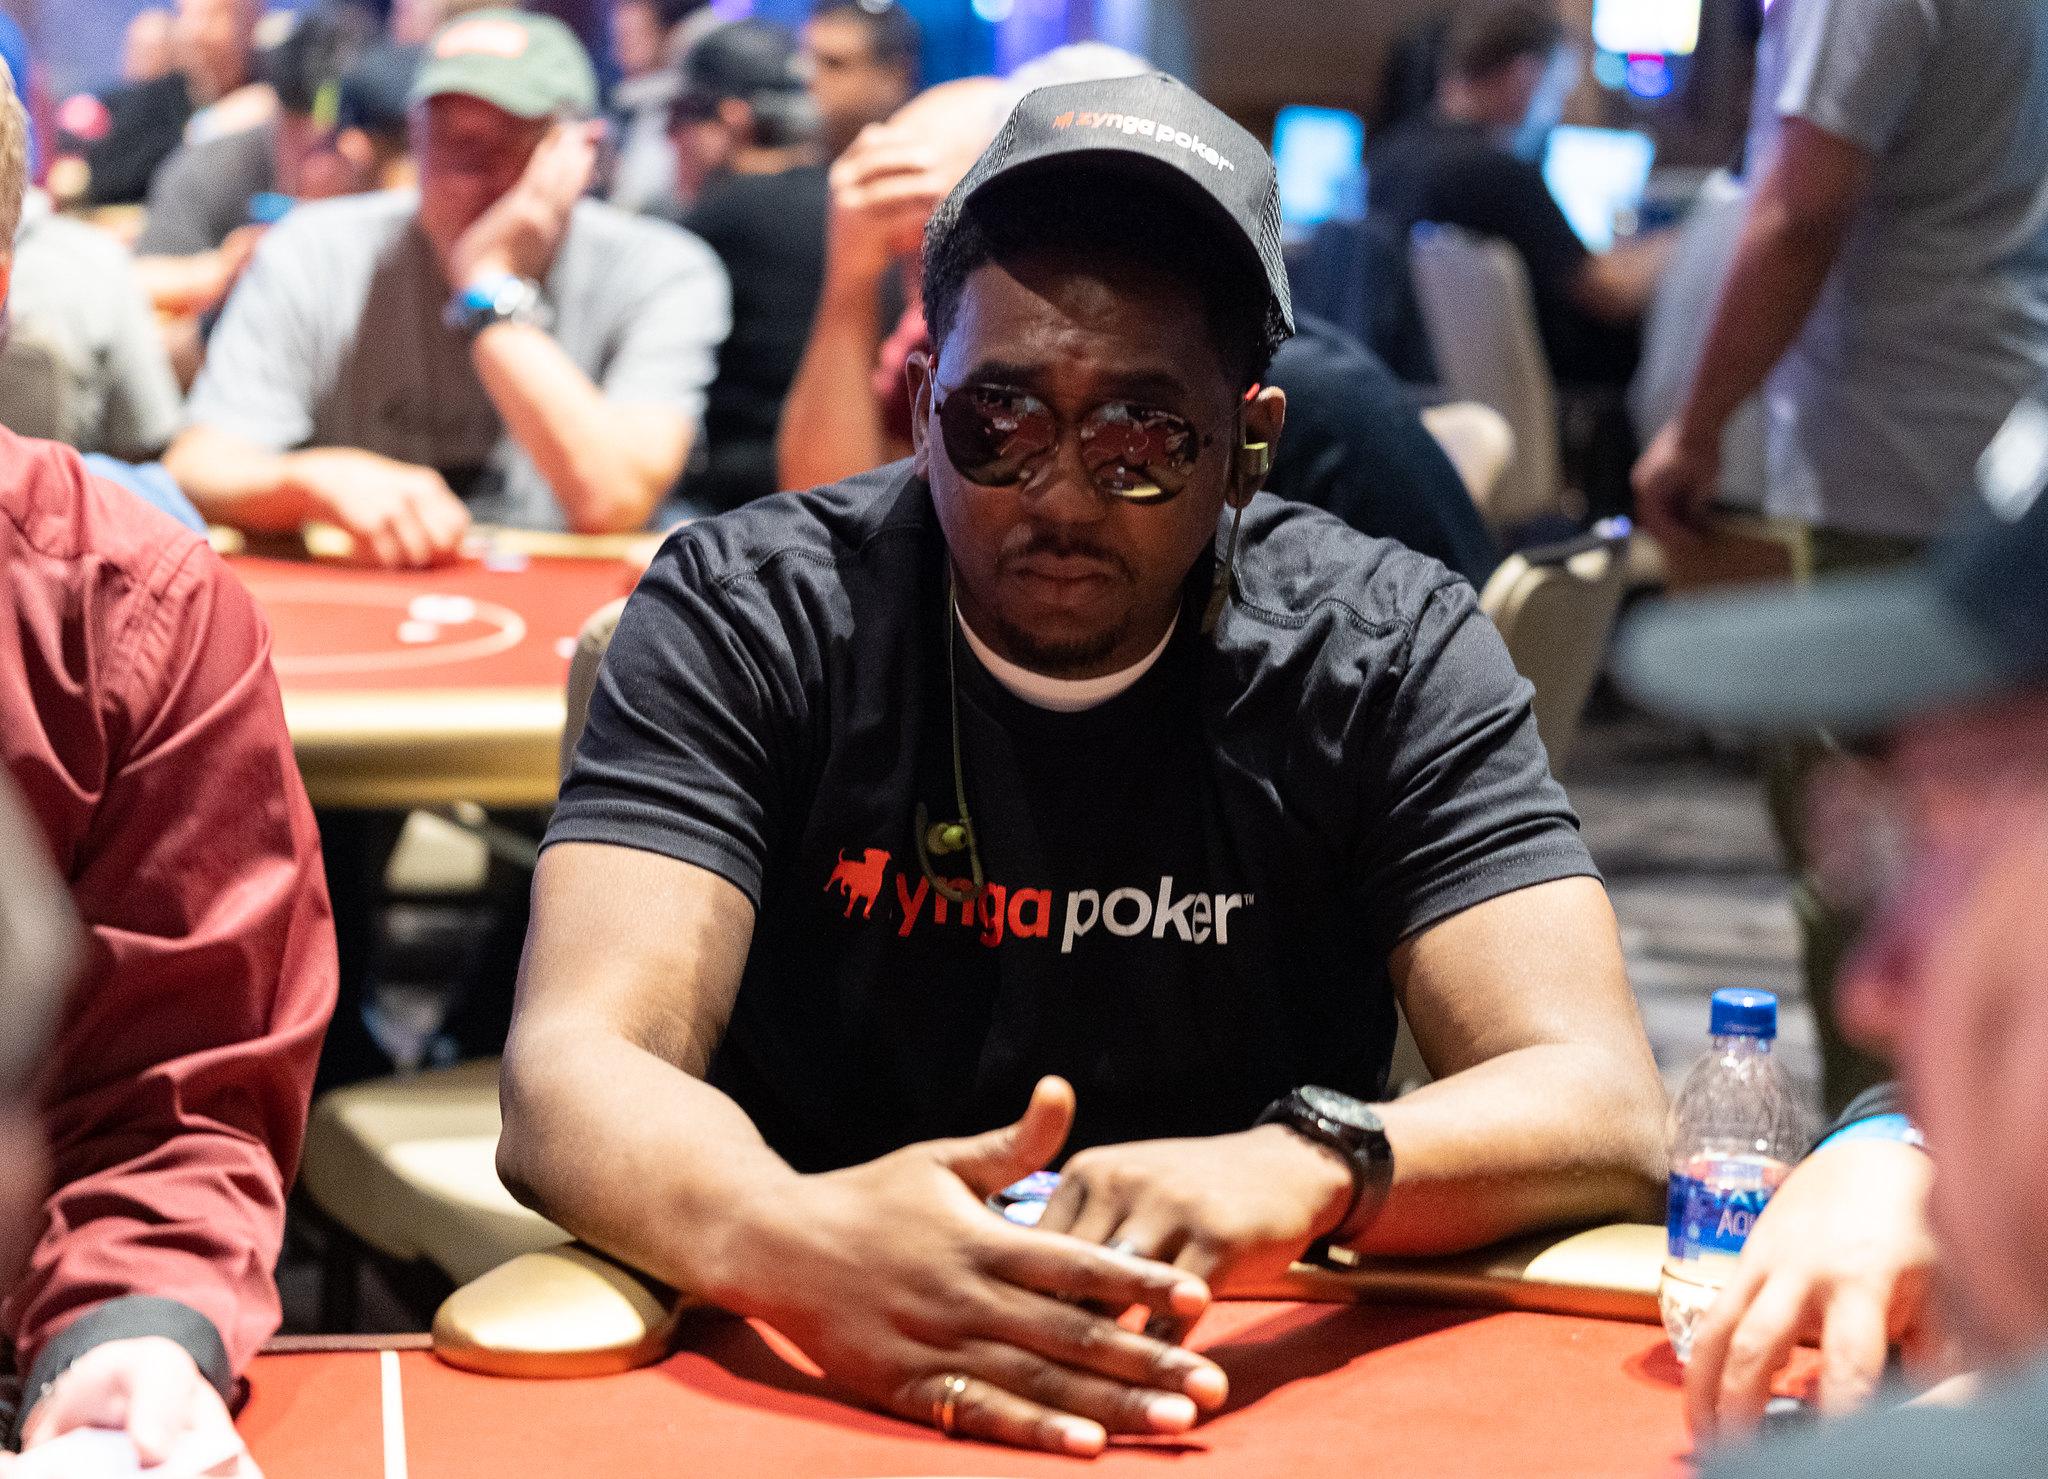 Hugh Grant Zynga Poker WPT500